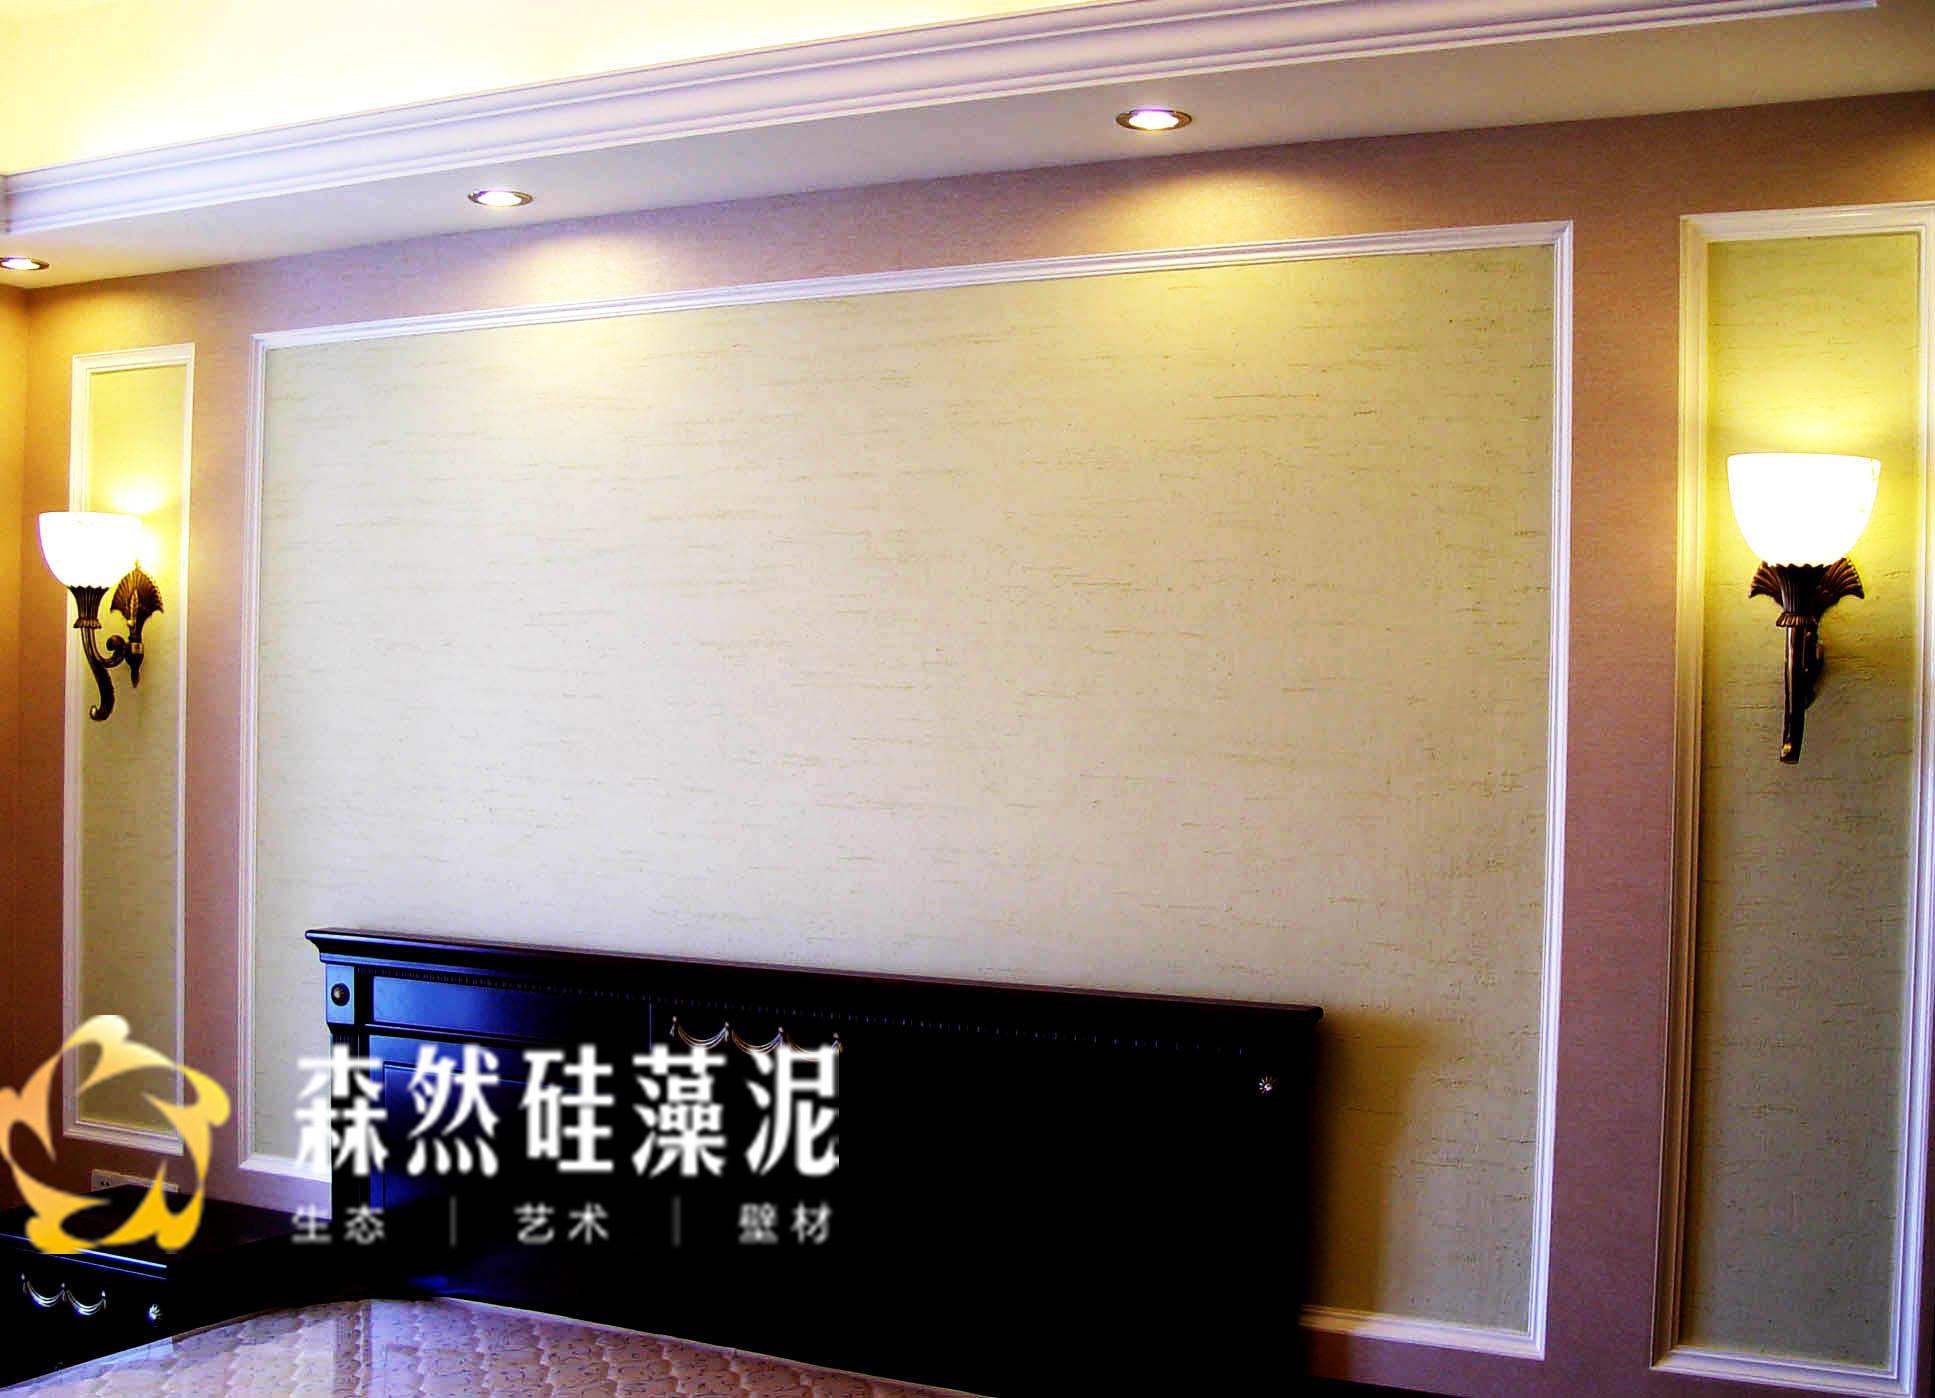 简欧风格电视背景墙用硅藻泥材料装修好看吗图片